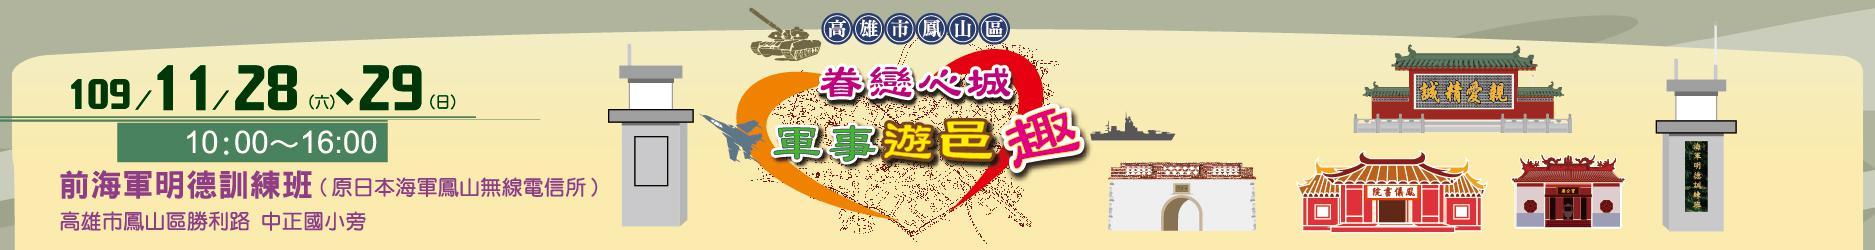 2020鳳山眷戀心城